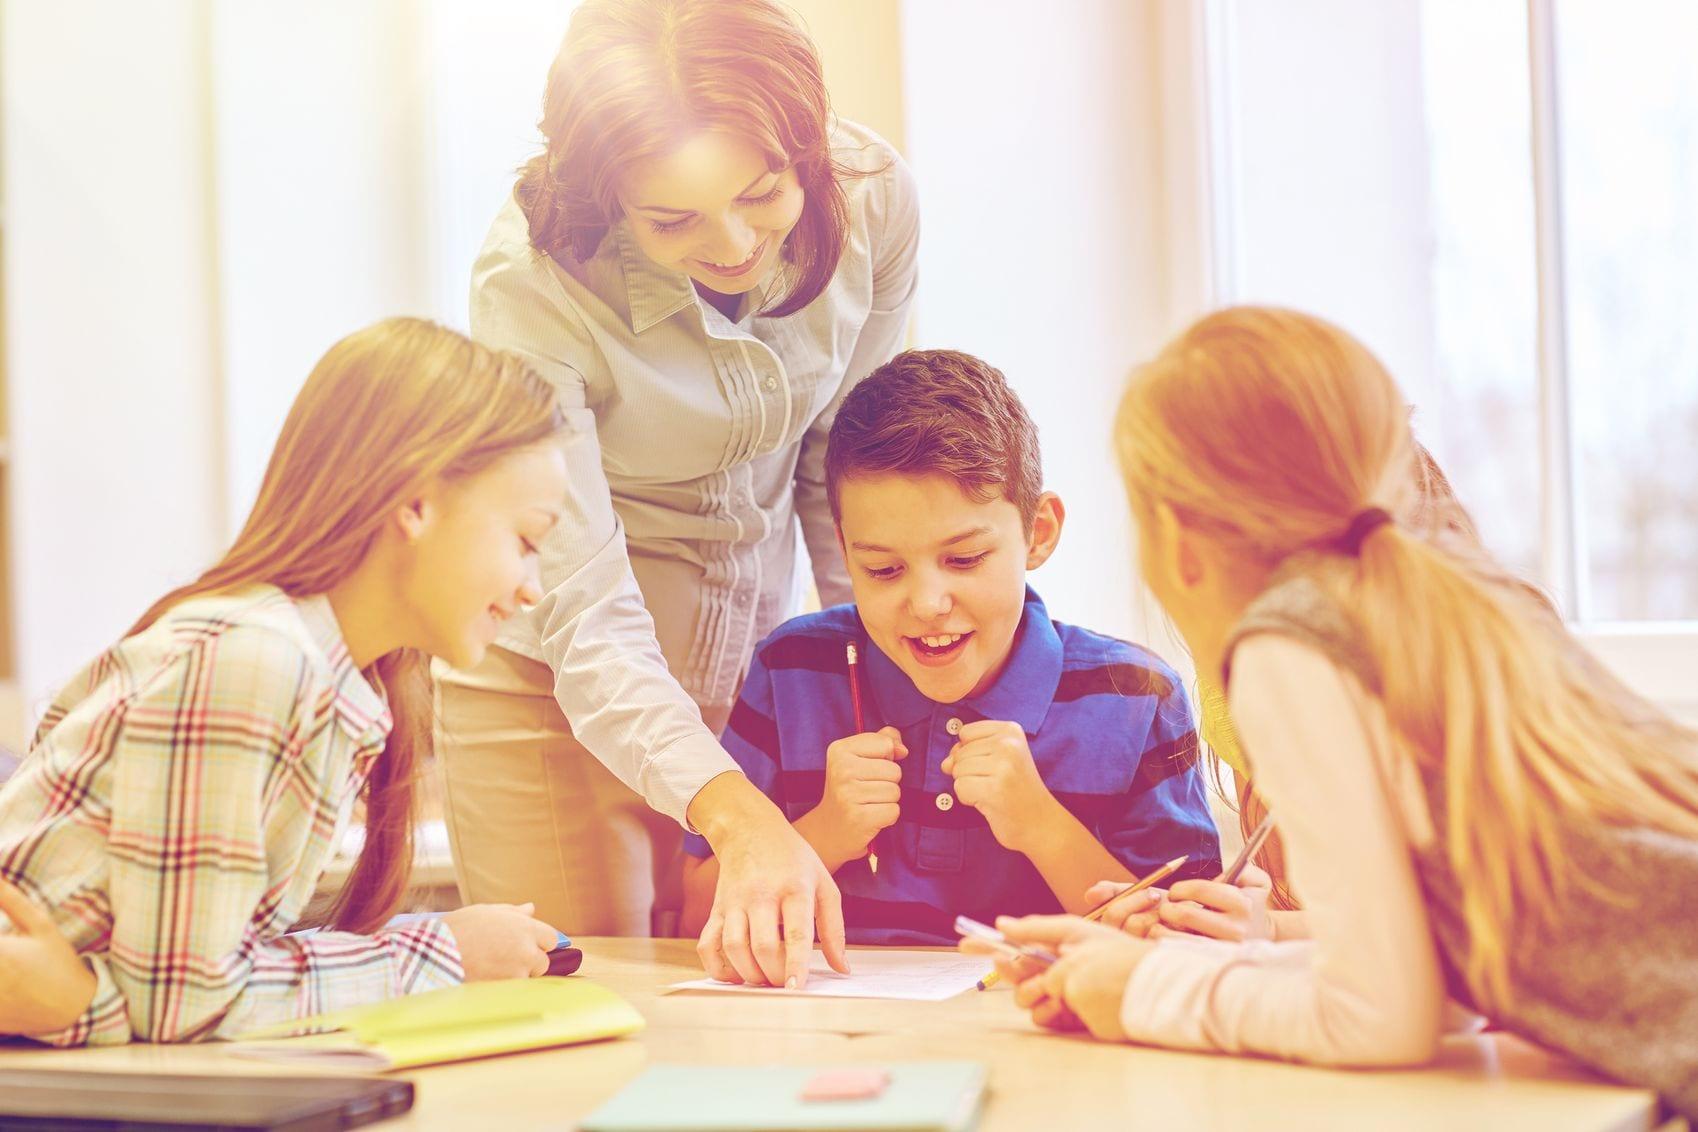 Правила эффективной похвалы ученика